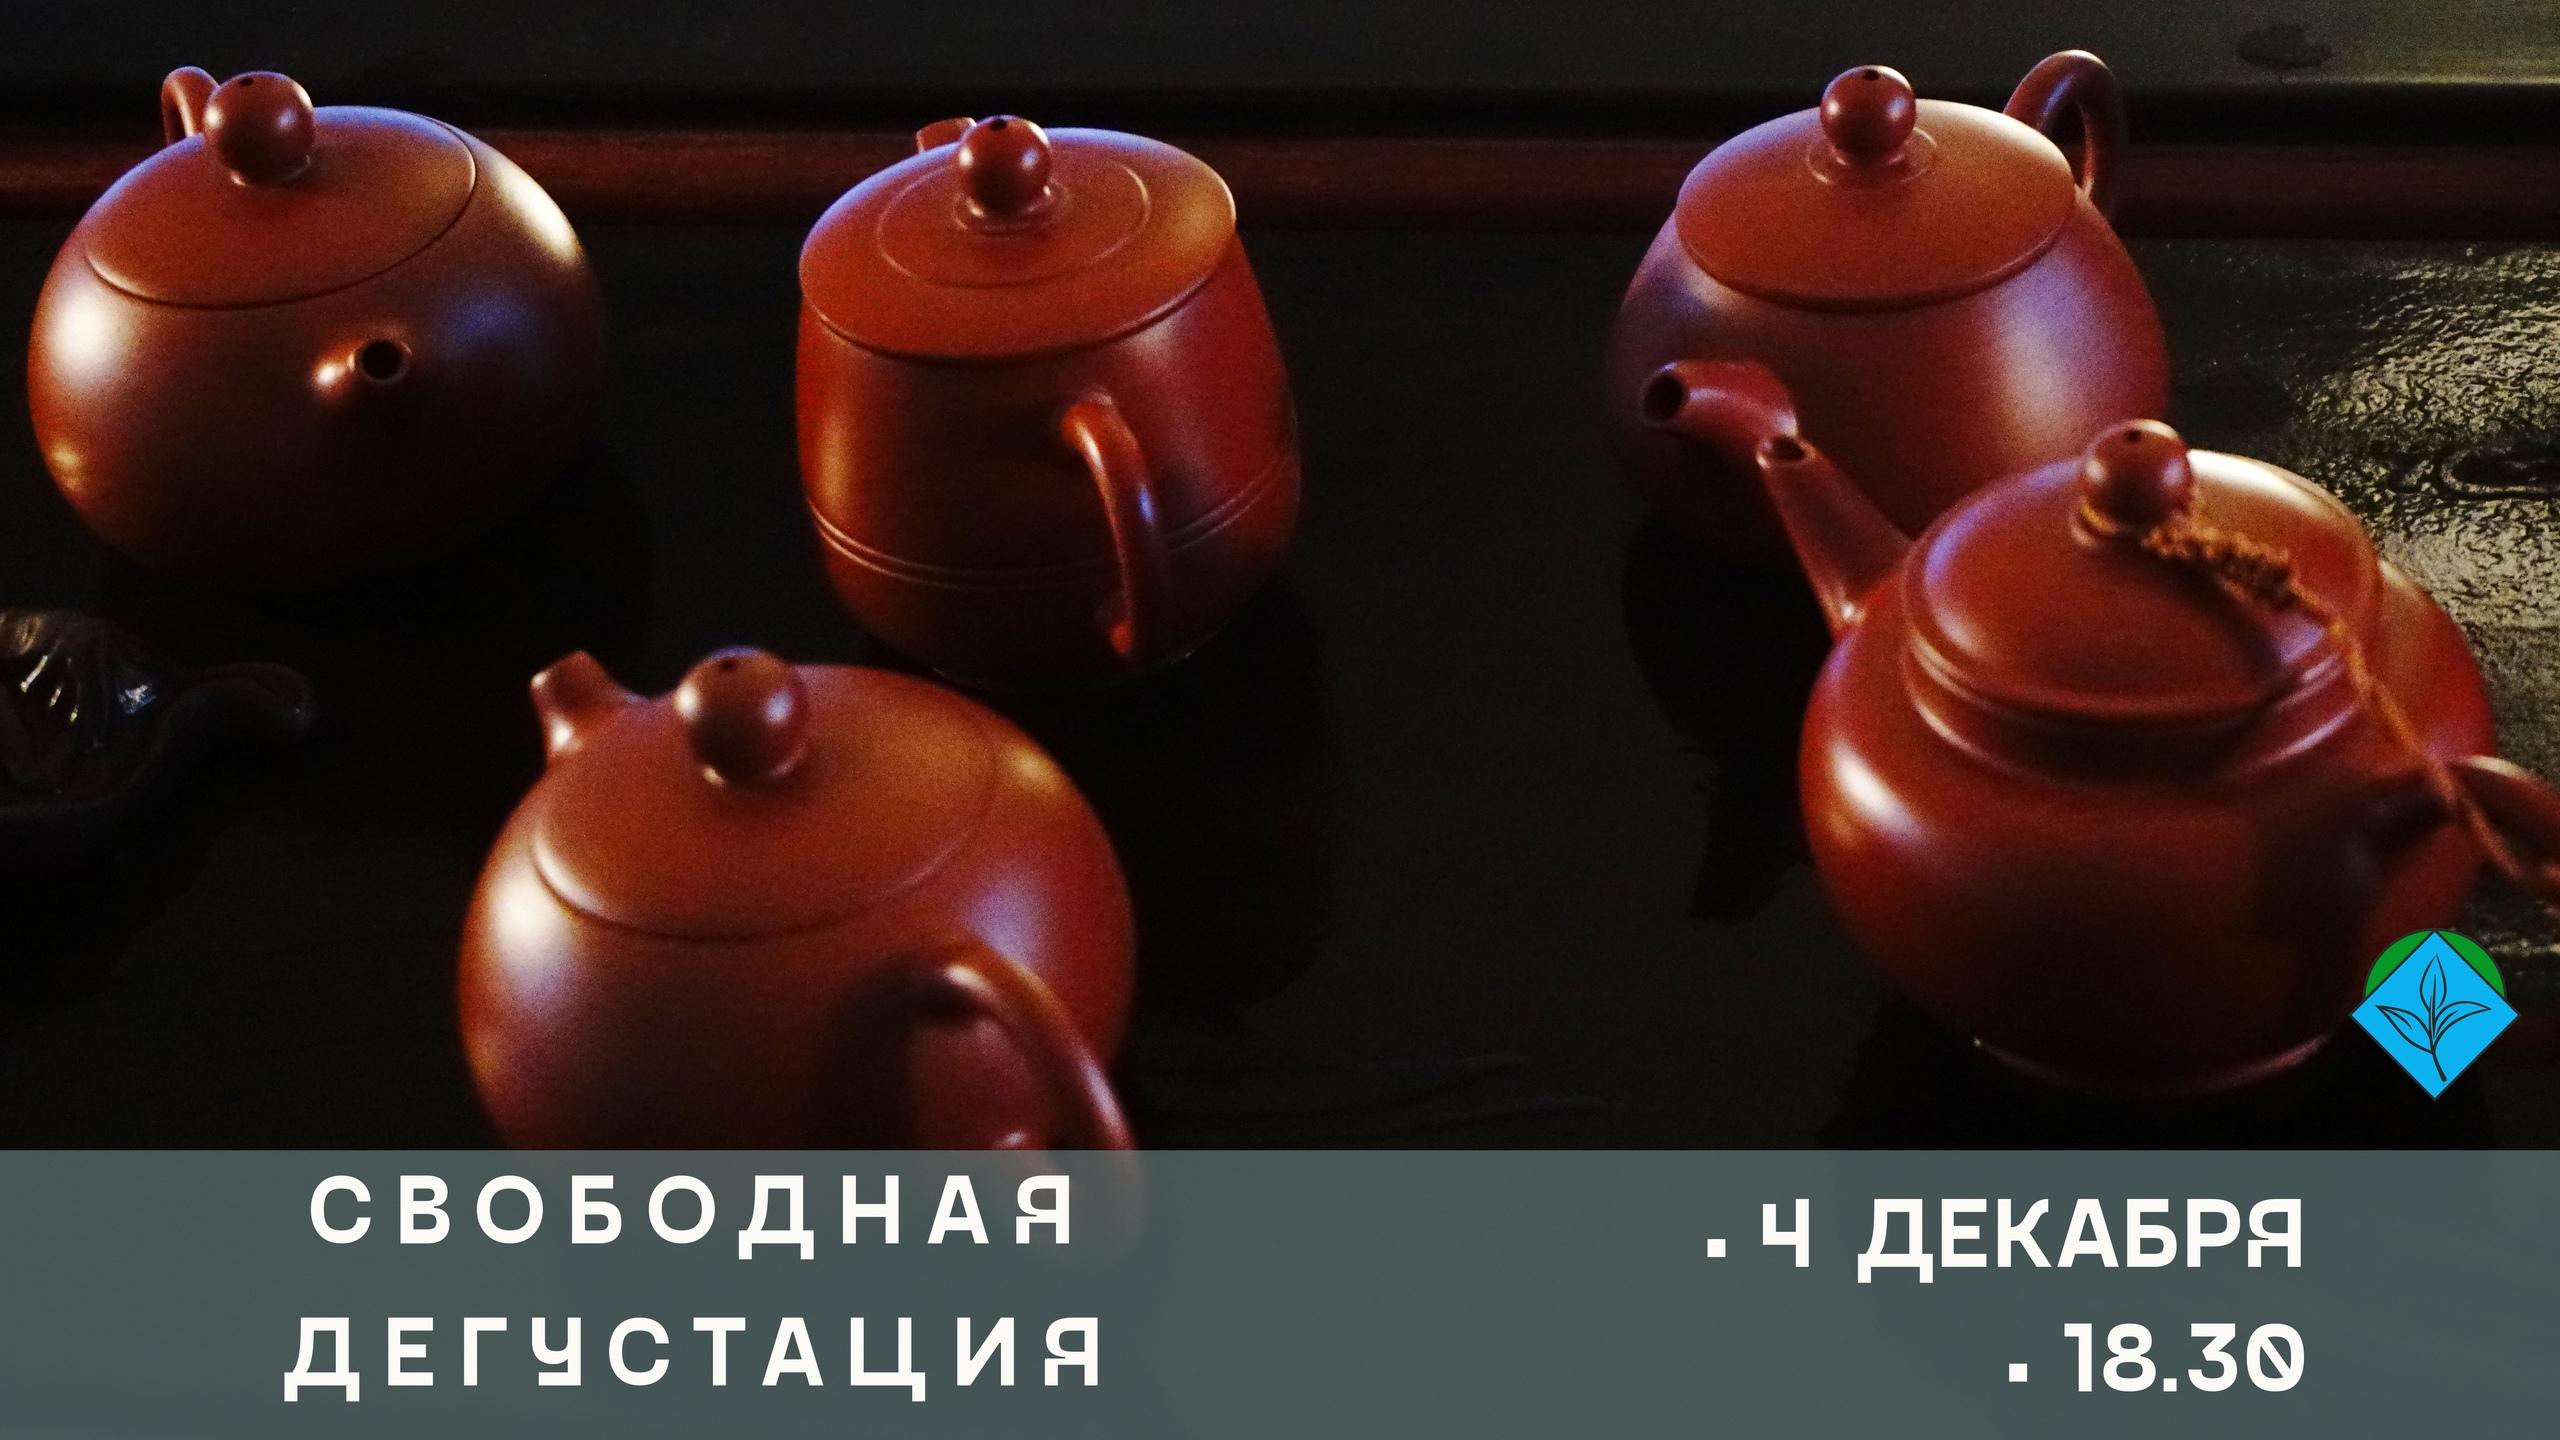 Кафе «Чайный Квадрат» - Вконтакте